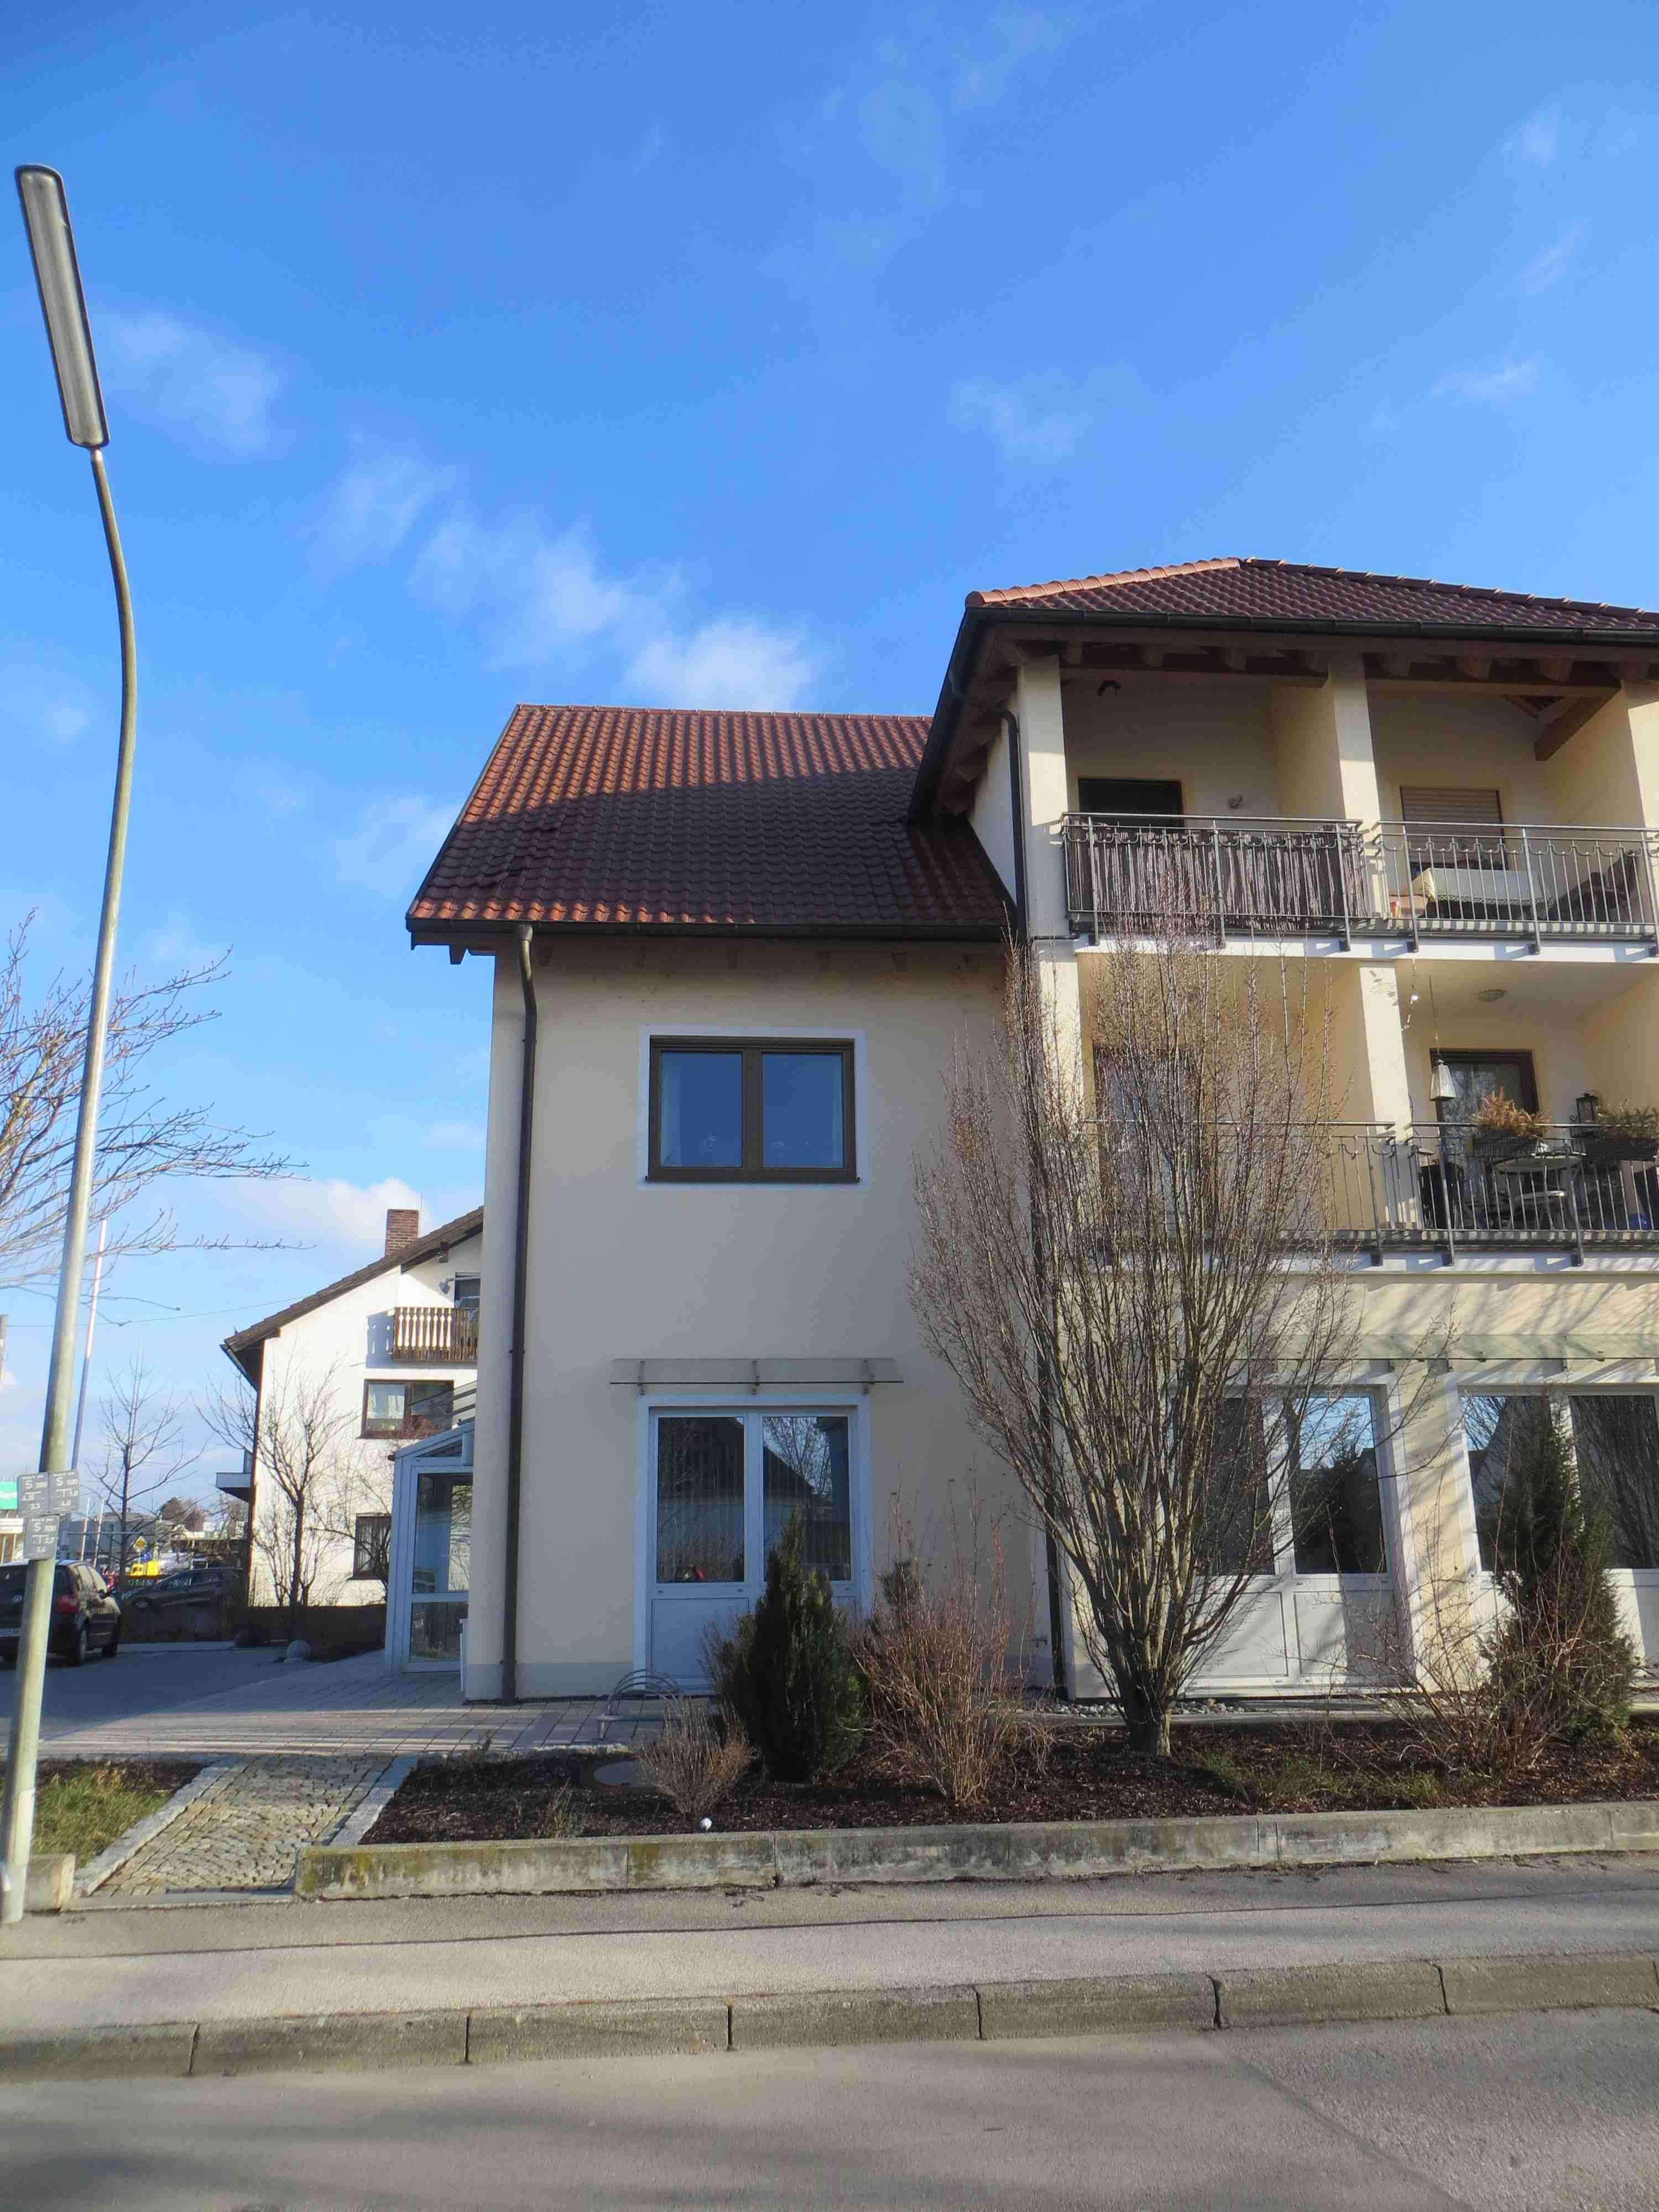 Geräumige, gepflegte 2-Zimmer-Wohnung in Neuburg-Feldkirchen